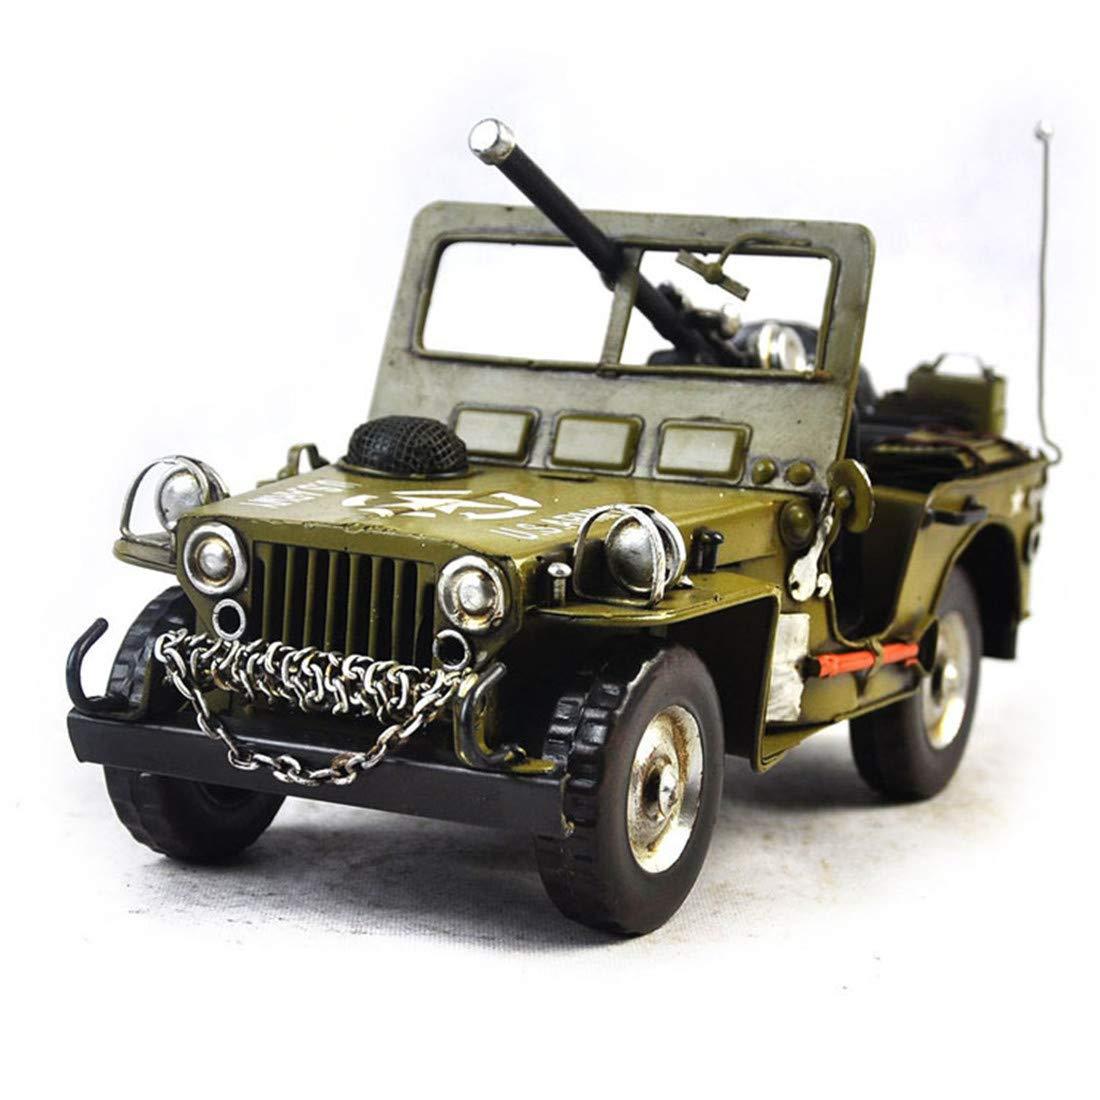 Vjukub Fatto A Mano Retrò Retro 1940 Fuoristrada Jeep Modello Iron Art Casa Auto Decorazione Decorazione Disposizione Fotografia Puntelli 31 * 14 * 15Cm